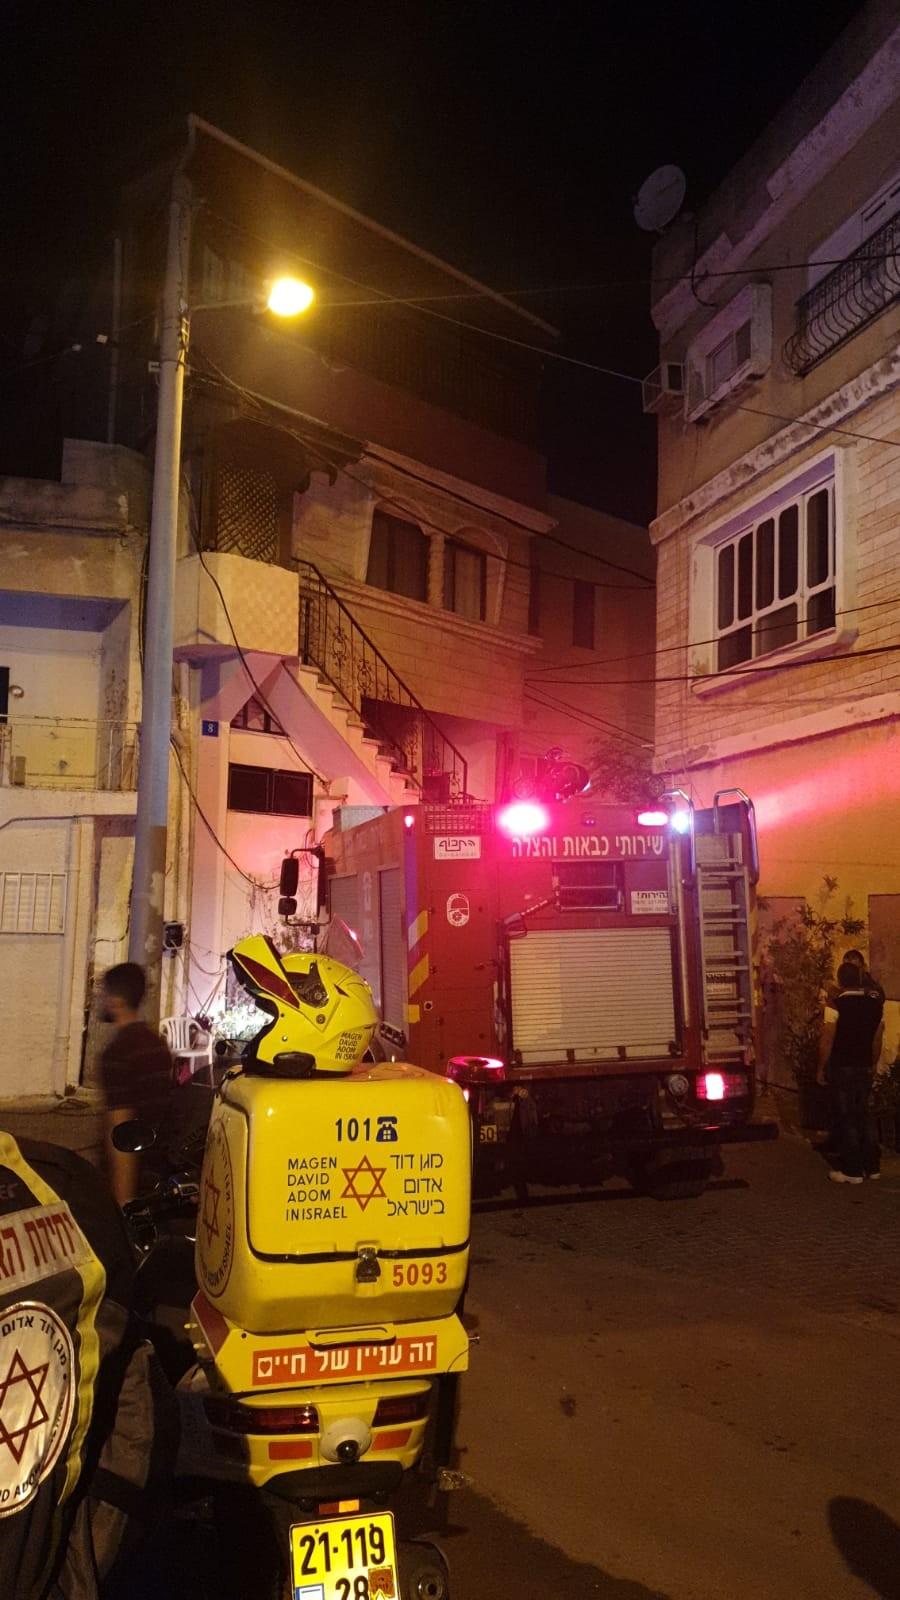 باقة الغربية: اضرام النار بمنزل المشتبه بجريمة قتل